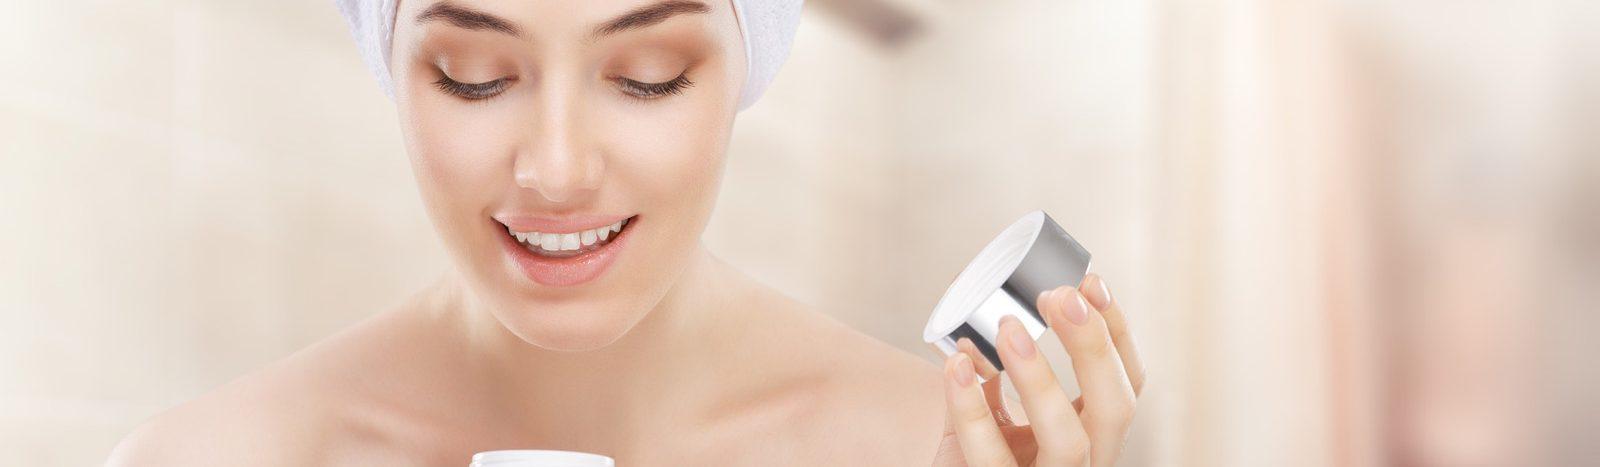 Akne und reife Haut